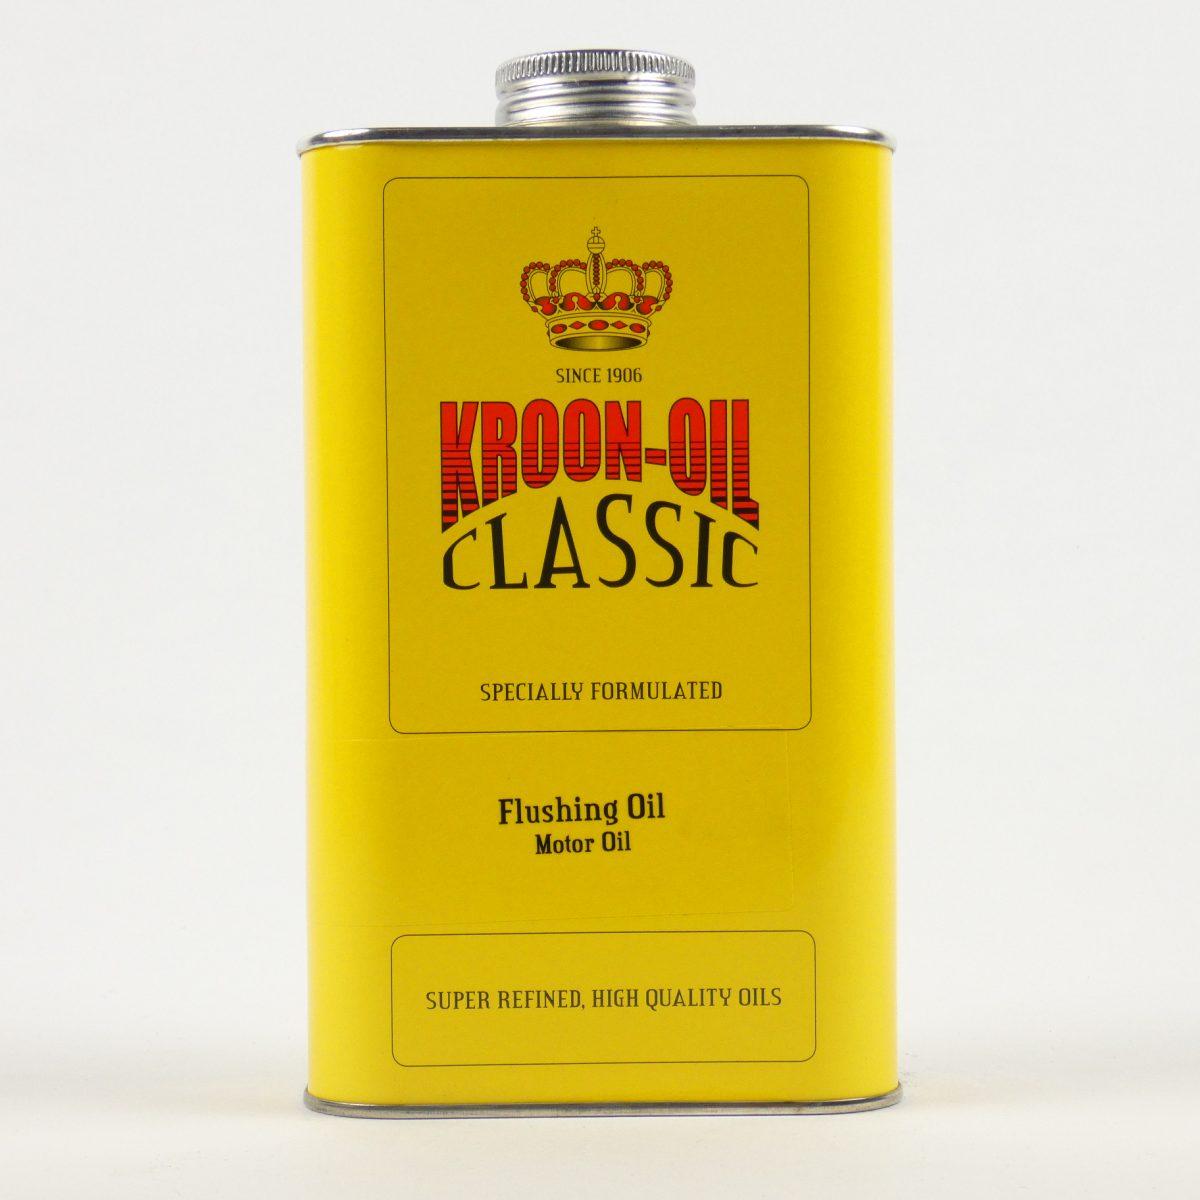 spoelolie klassieker dosgros drachten oosterwolde kroon-oil